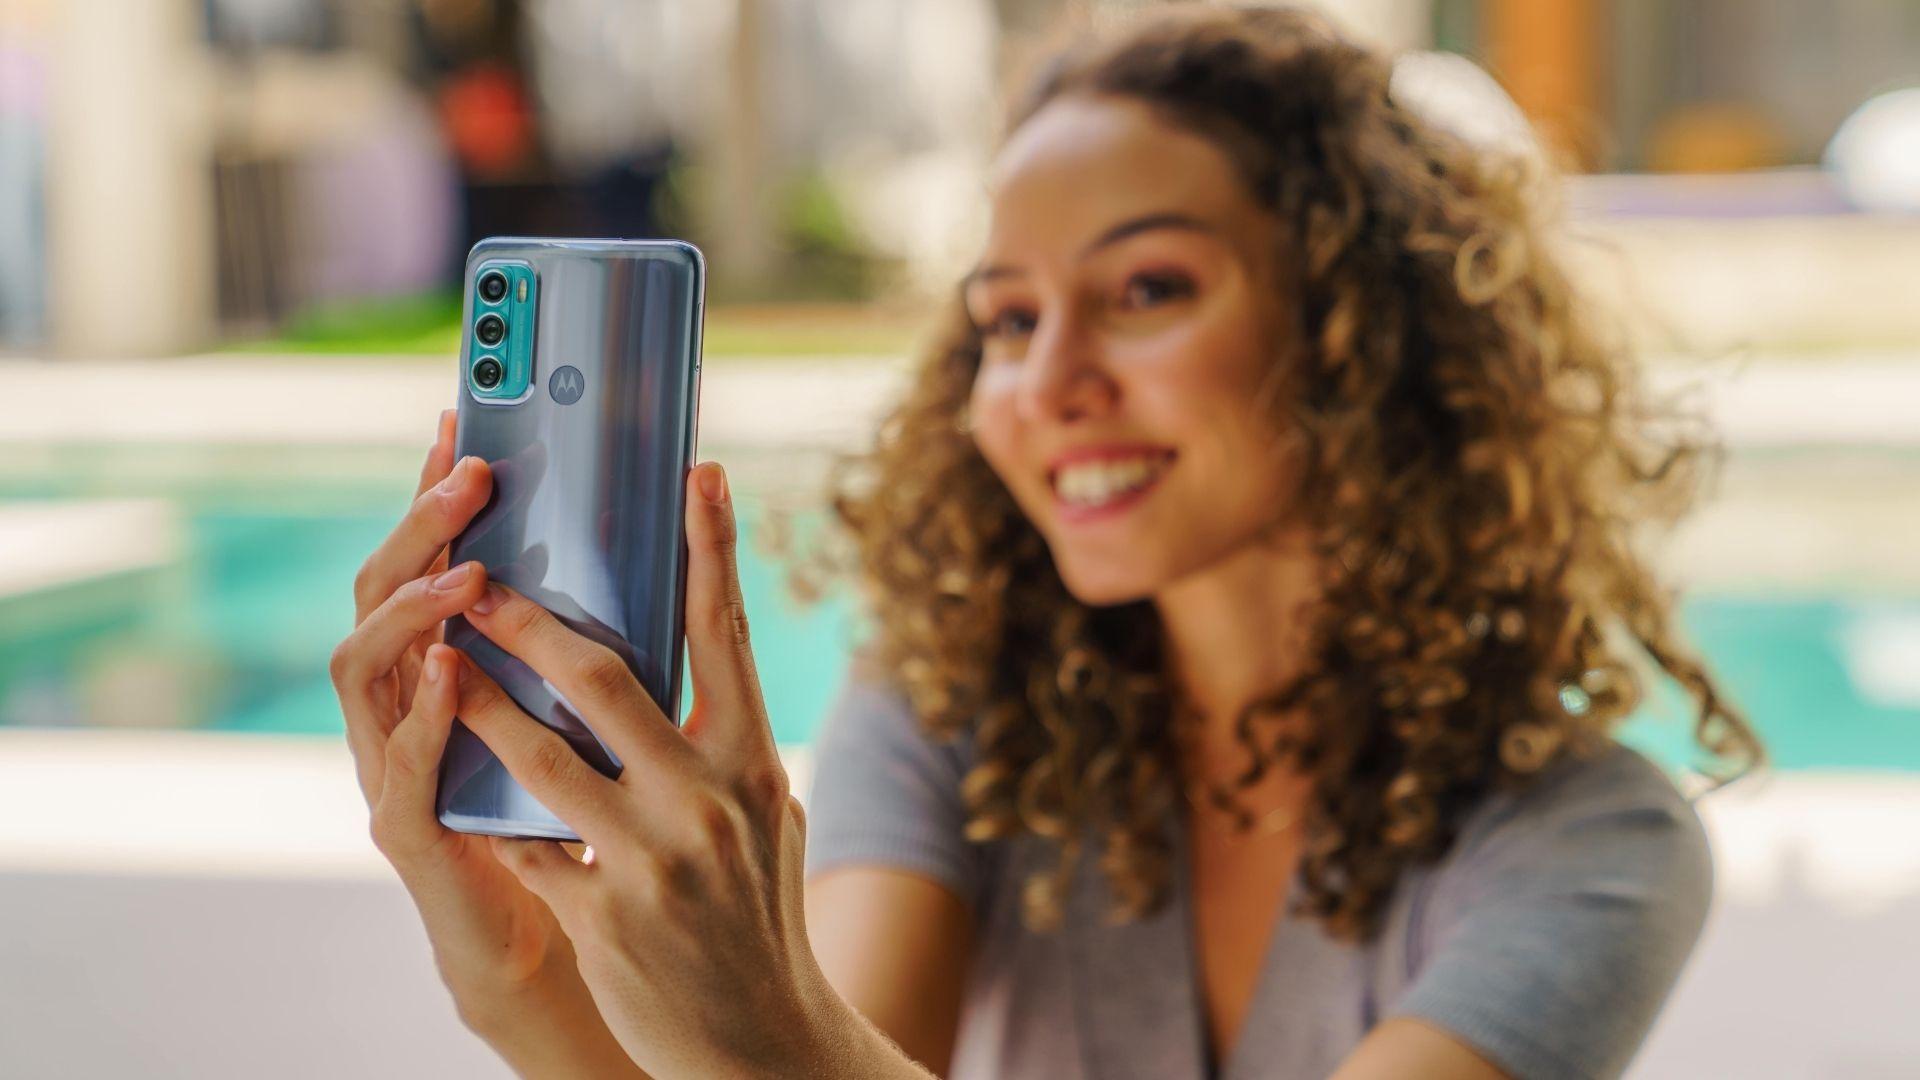 Melhores celulares: Moto G60 oferece bateria de 6.000 mAh (Foto: Divulgação/Motorola)